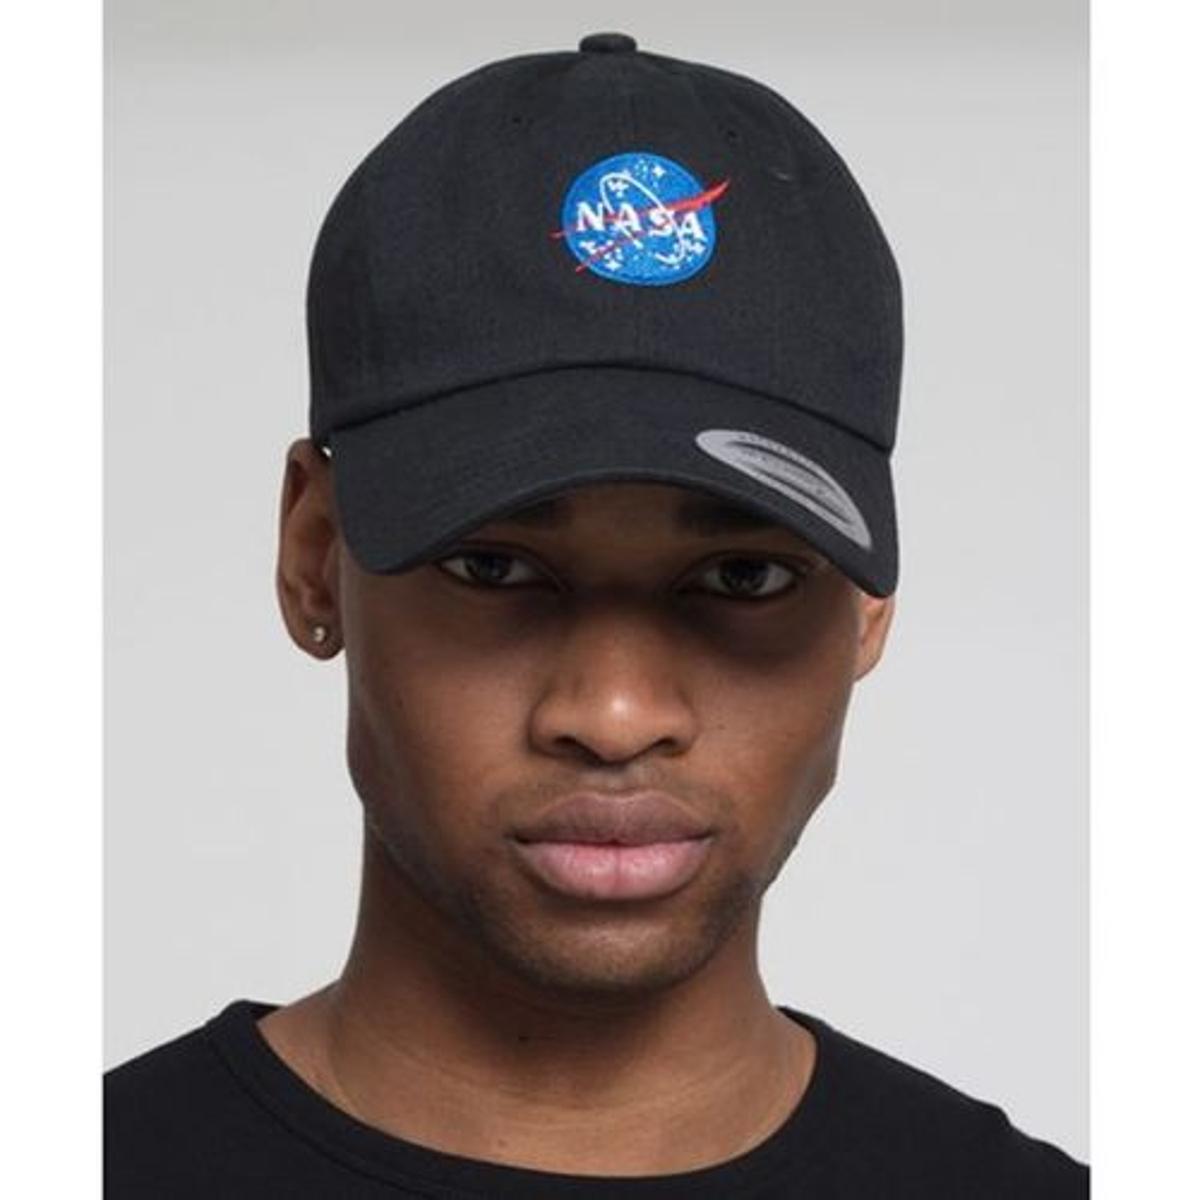 Casquette incurvée NASA